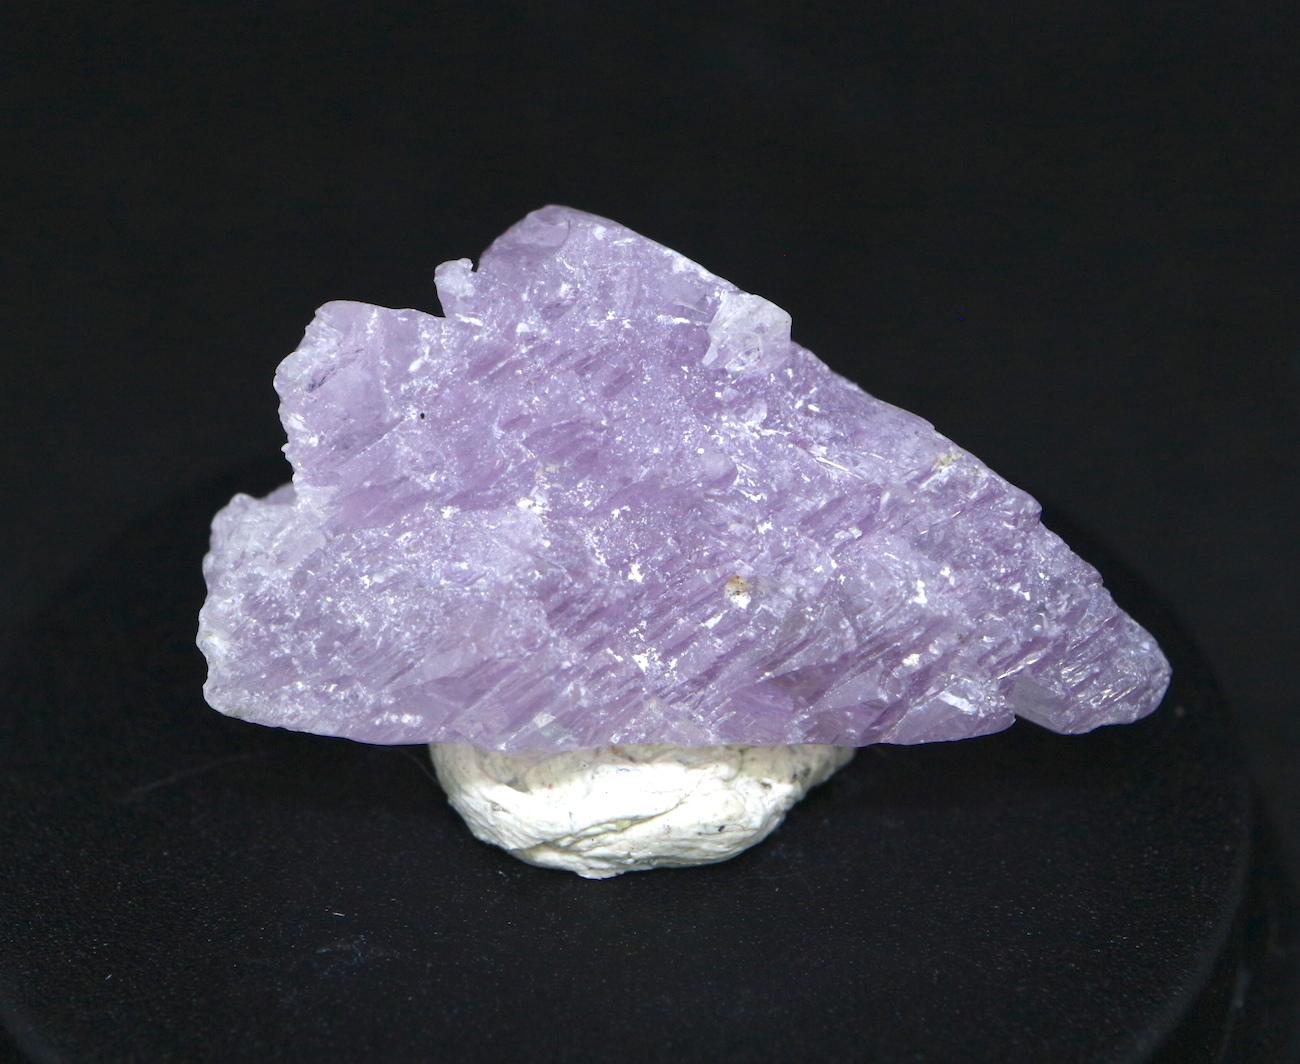 カリフォルニア産! クンツァイト 原石 自主採掘 6,2g リシア輝石  KZ029